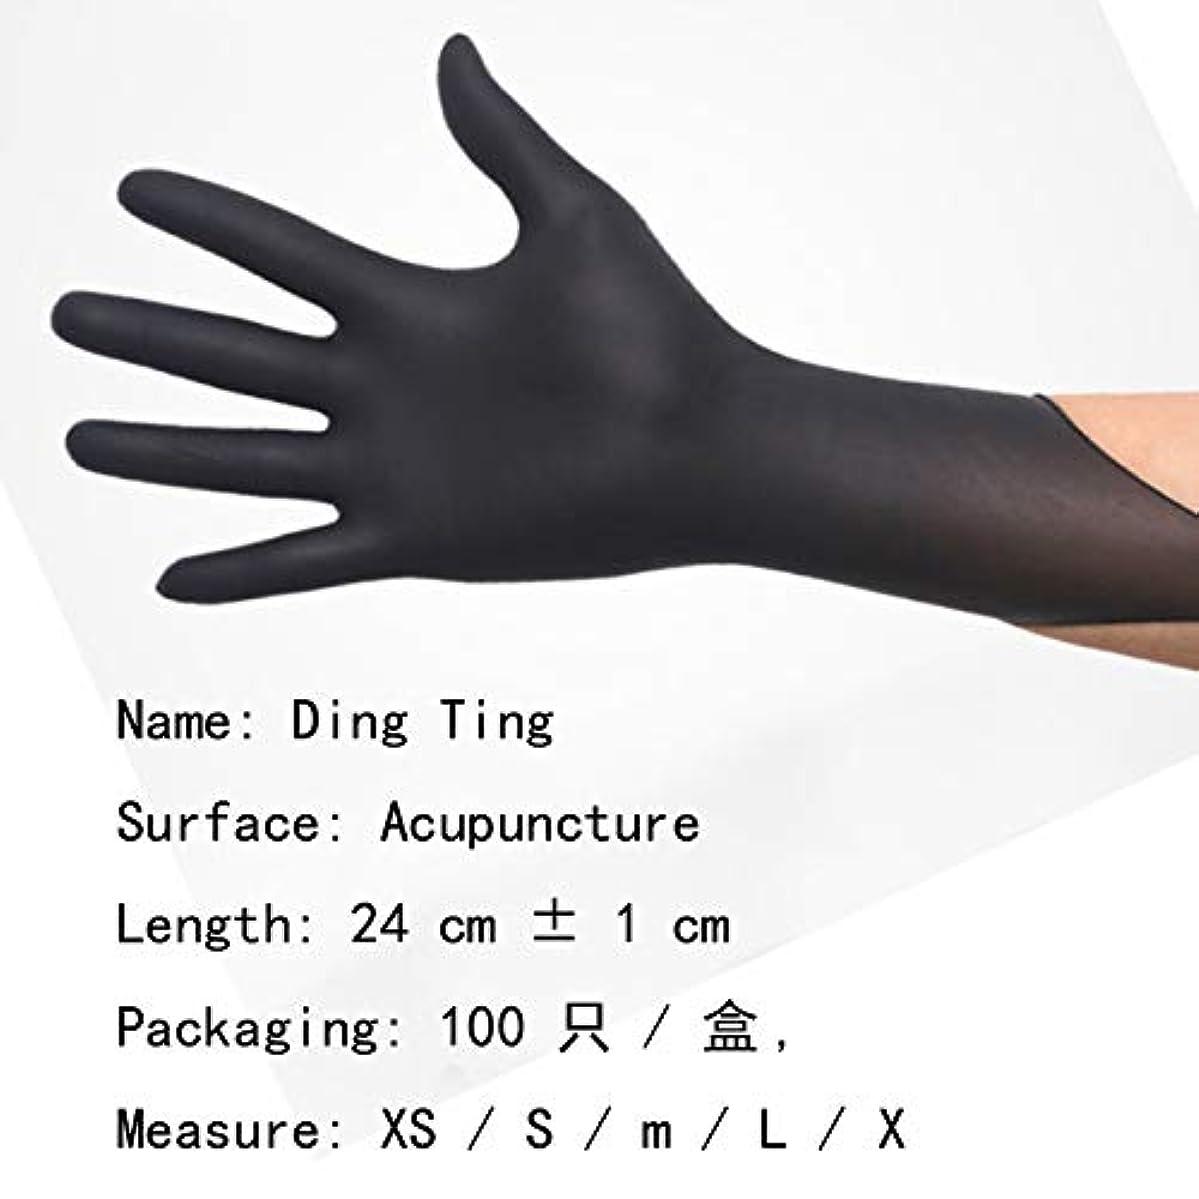 しなやかシャンパンスポーツマンニトリル手袋黒ニトリル4ミル厚使い捨て手袋×ラージケース100試験医療用ラテックスフリーブラックM-L食品、工業用、クリーニング (Size : L)